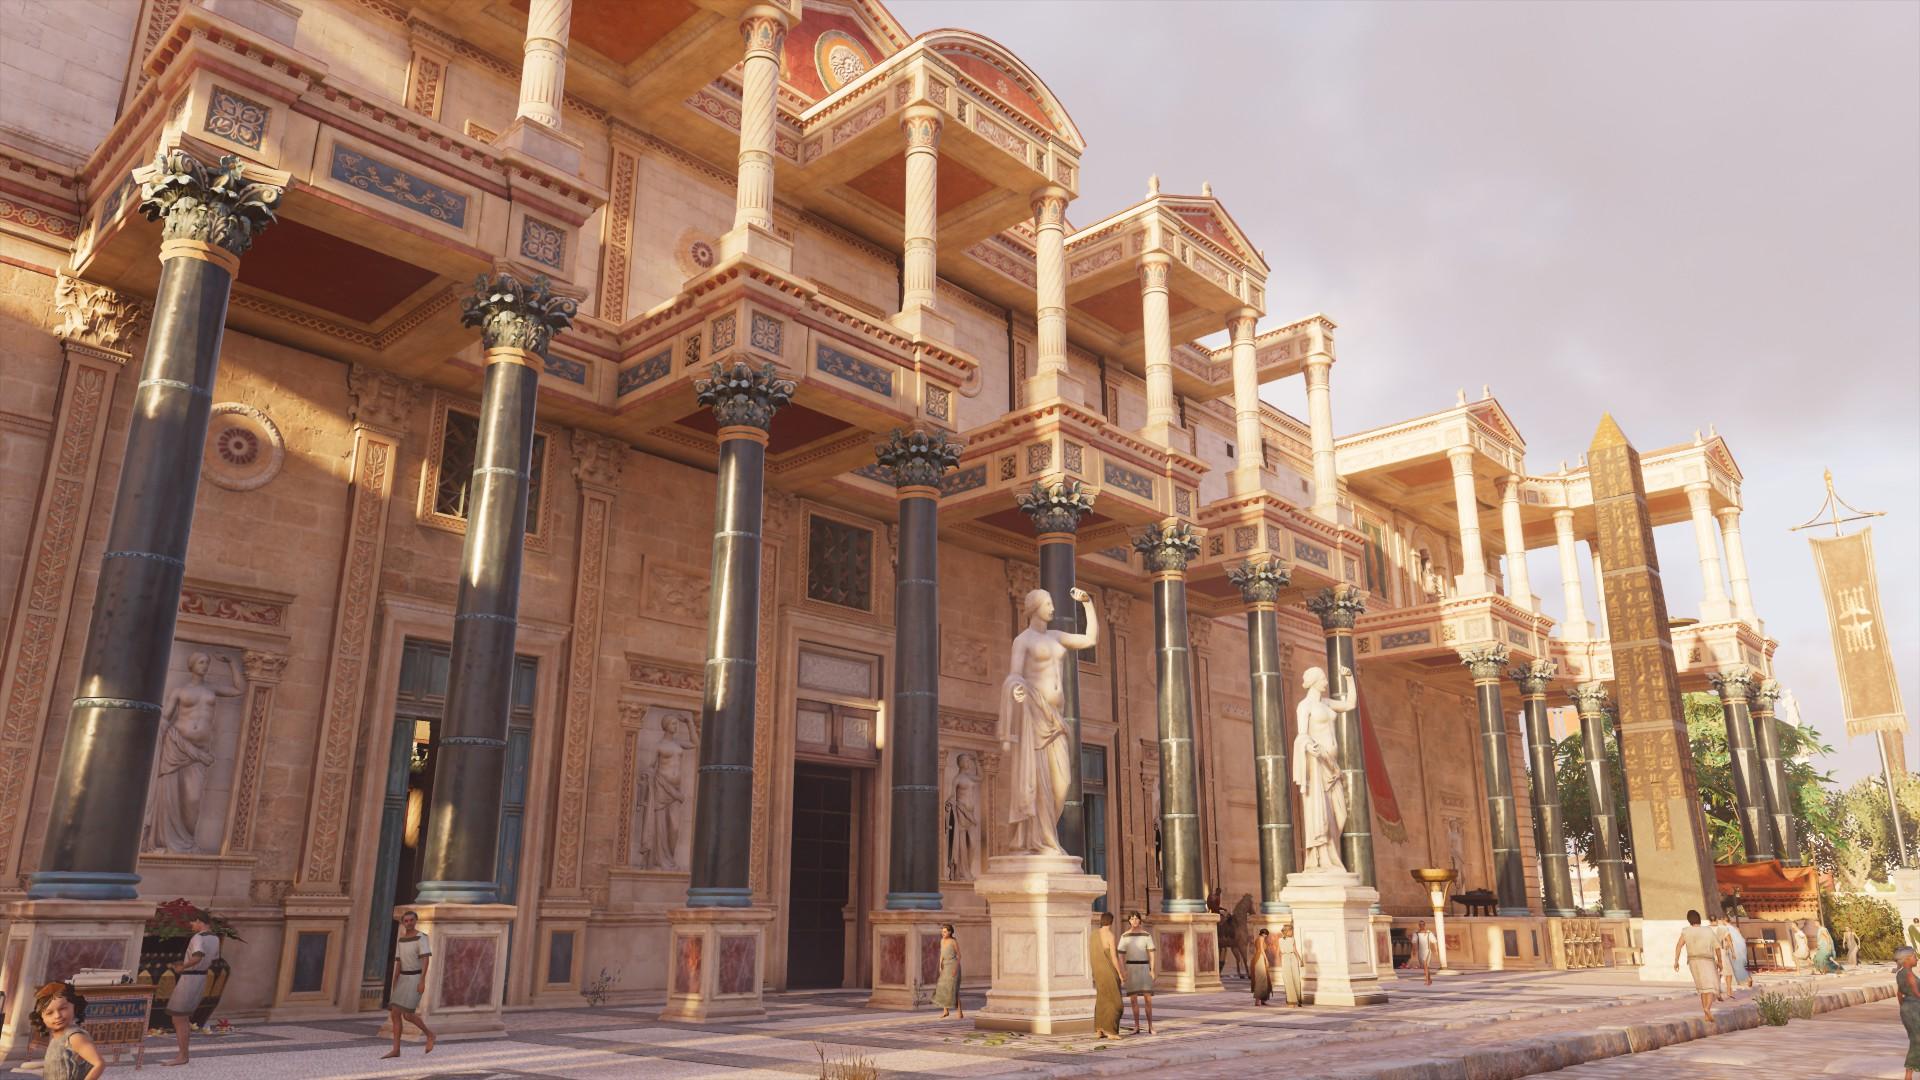 20171029205444_1.jpg - Assassin's Creed: Origins